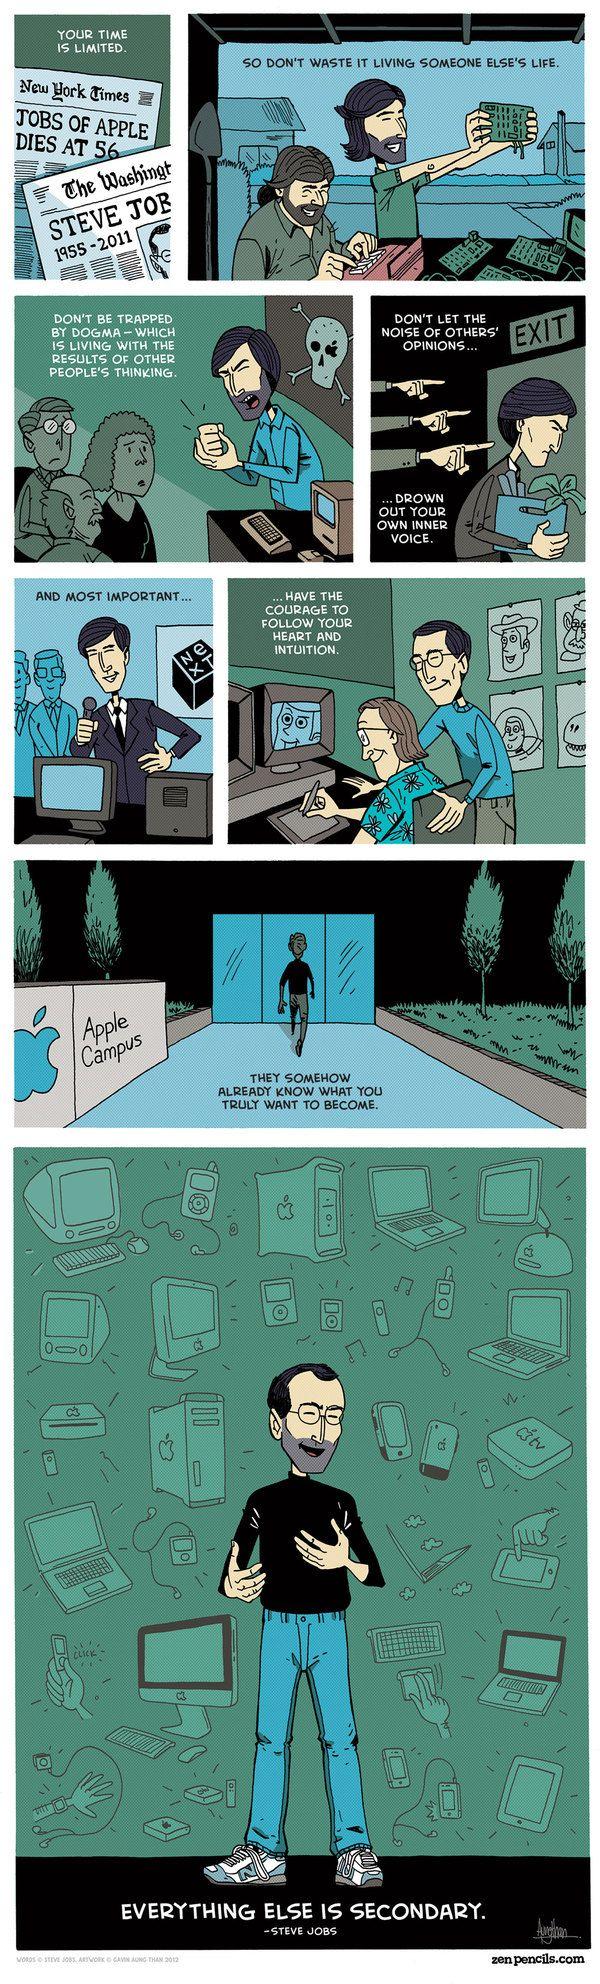 Zen Pencils - Steve Jobs